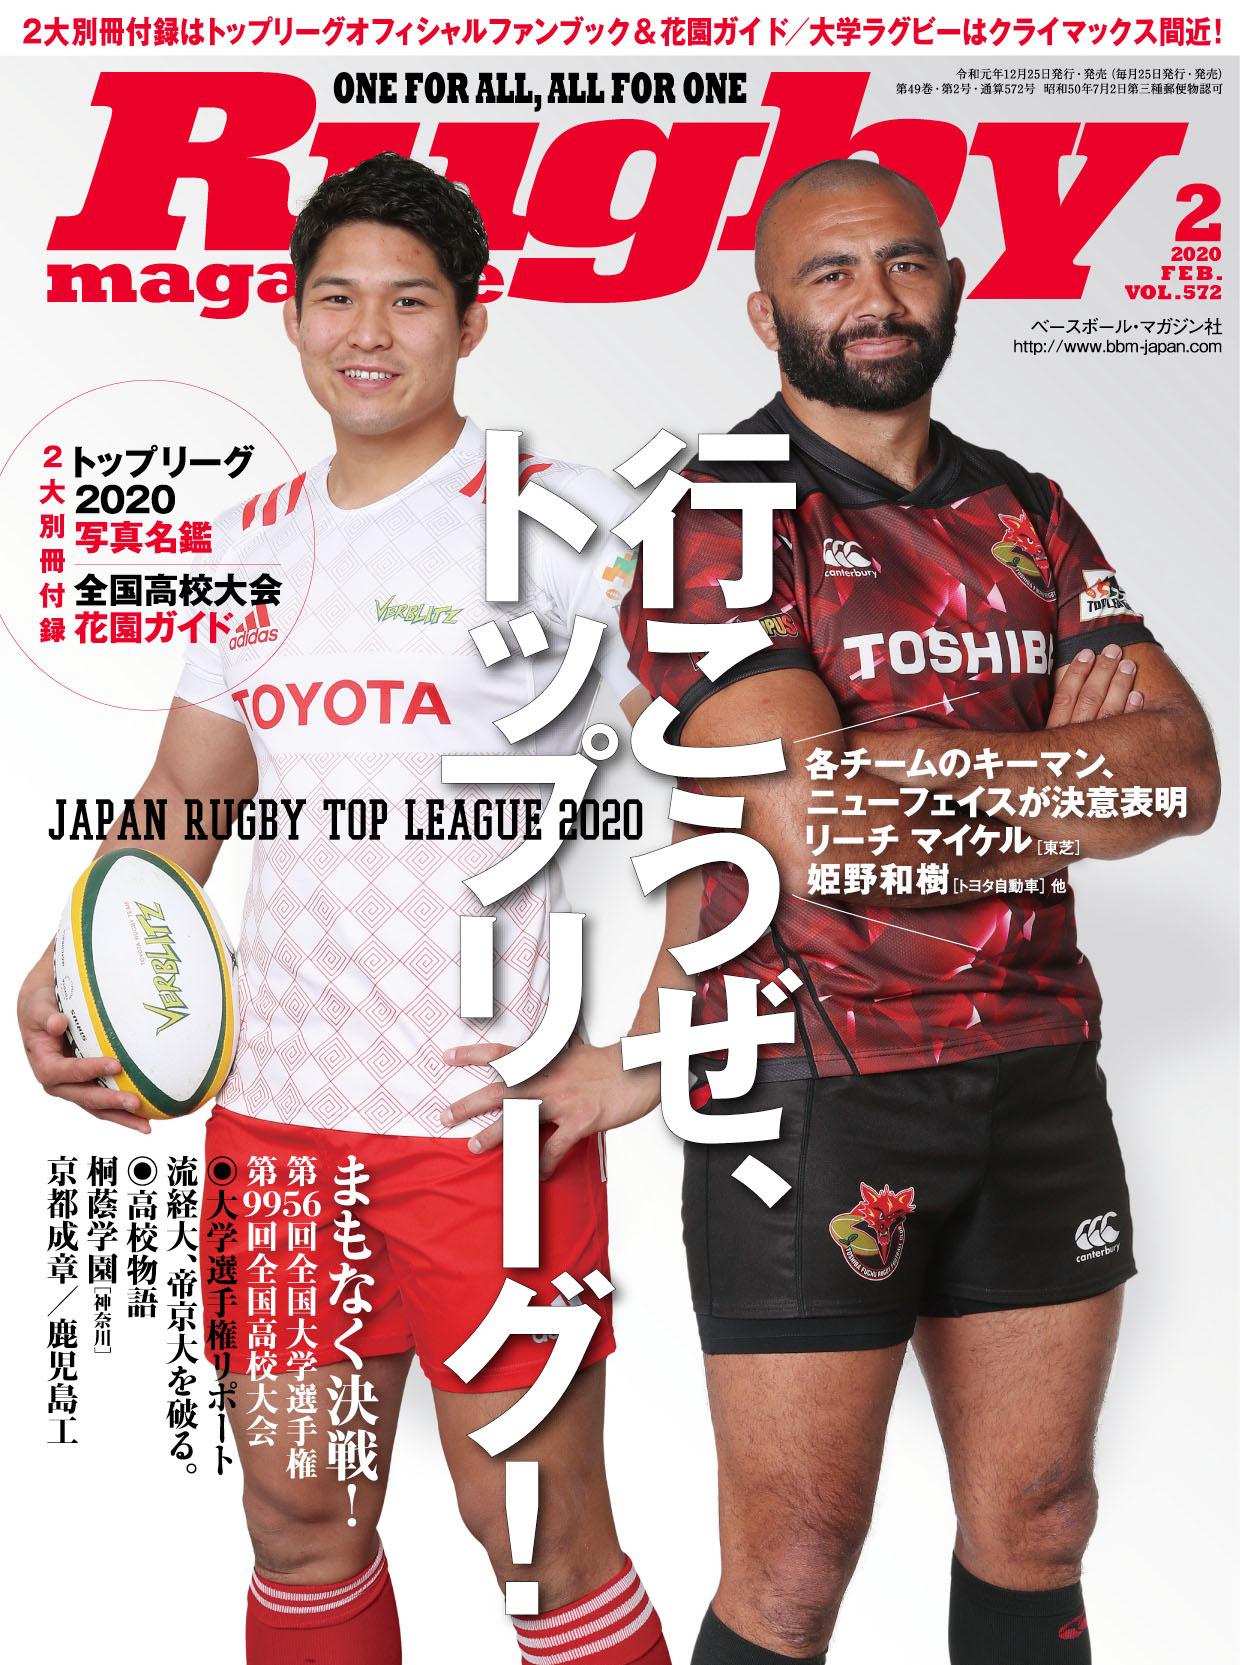 ラグビーマガジン2月号「トップリーグ名鑑・花園ガイド」